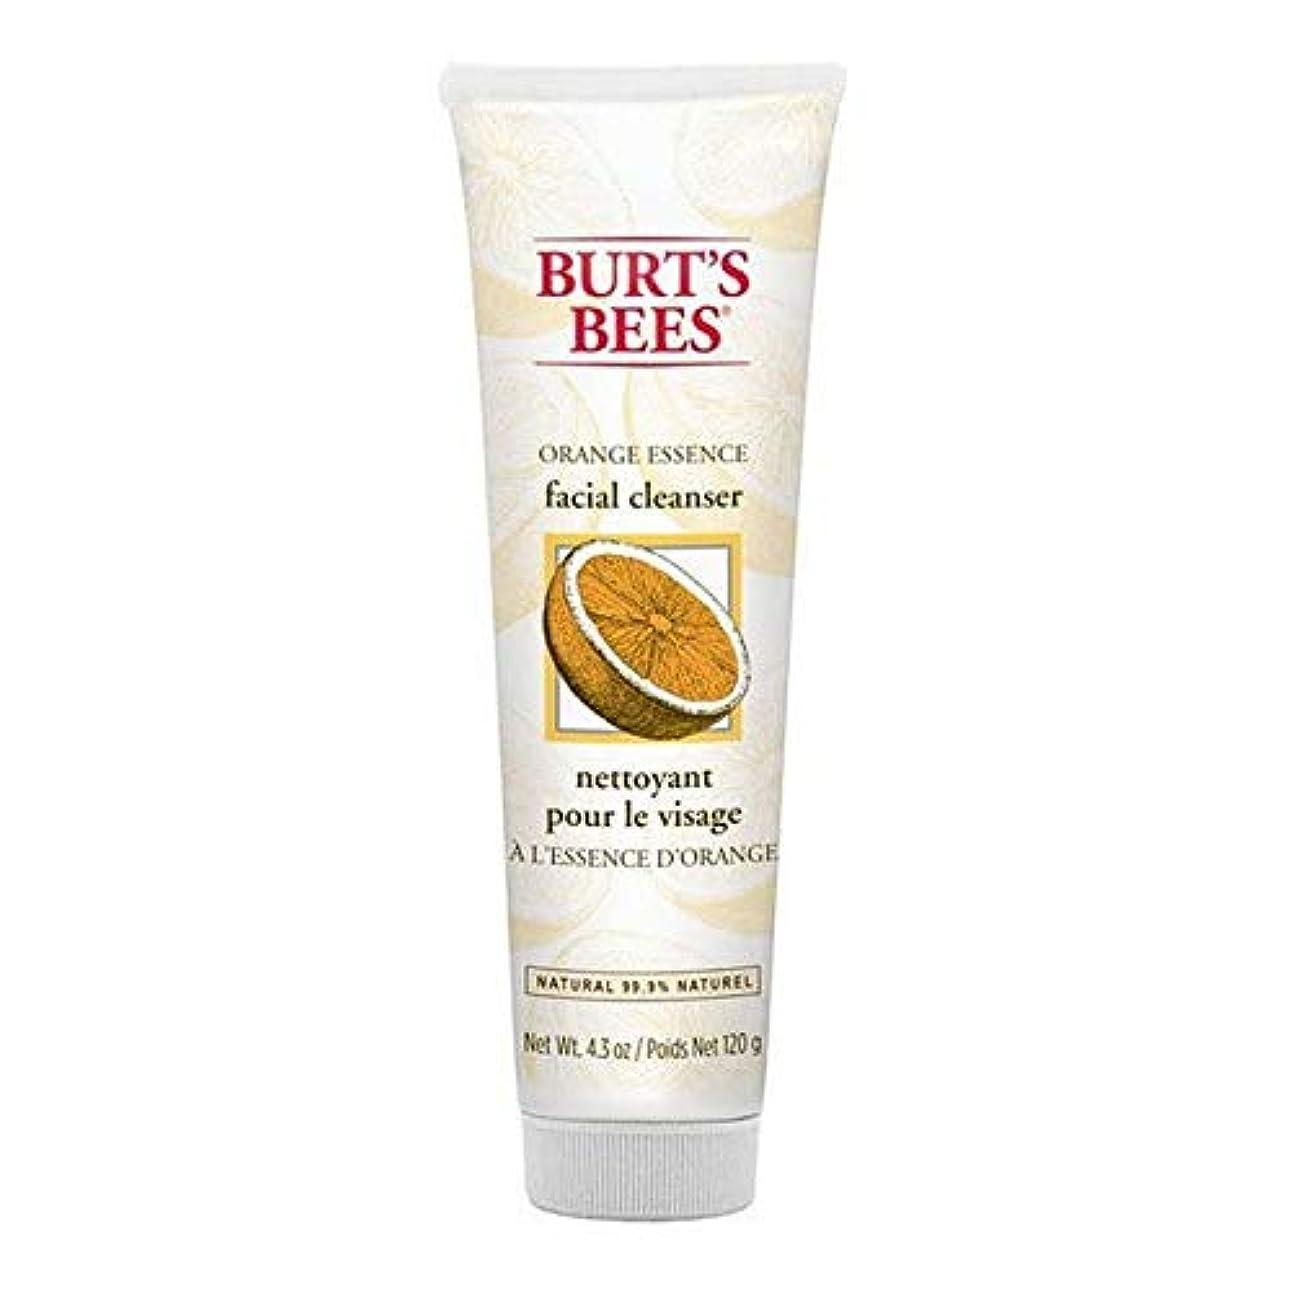 乳行為夜明け[Burt's Bees ] バーツビーオレンジエッセンス洗顔料の120グラム - Burt's Bees Orange Essence Facial Cleanser 120g [並行輸入品]